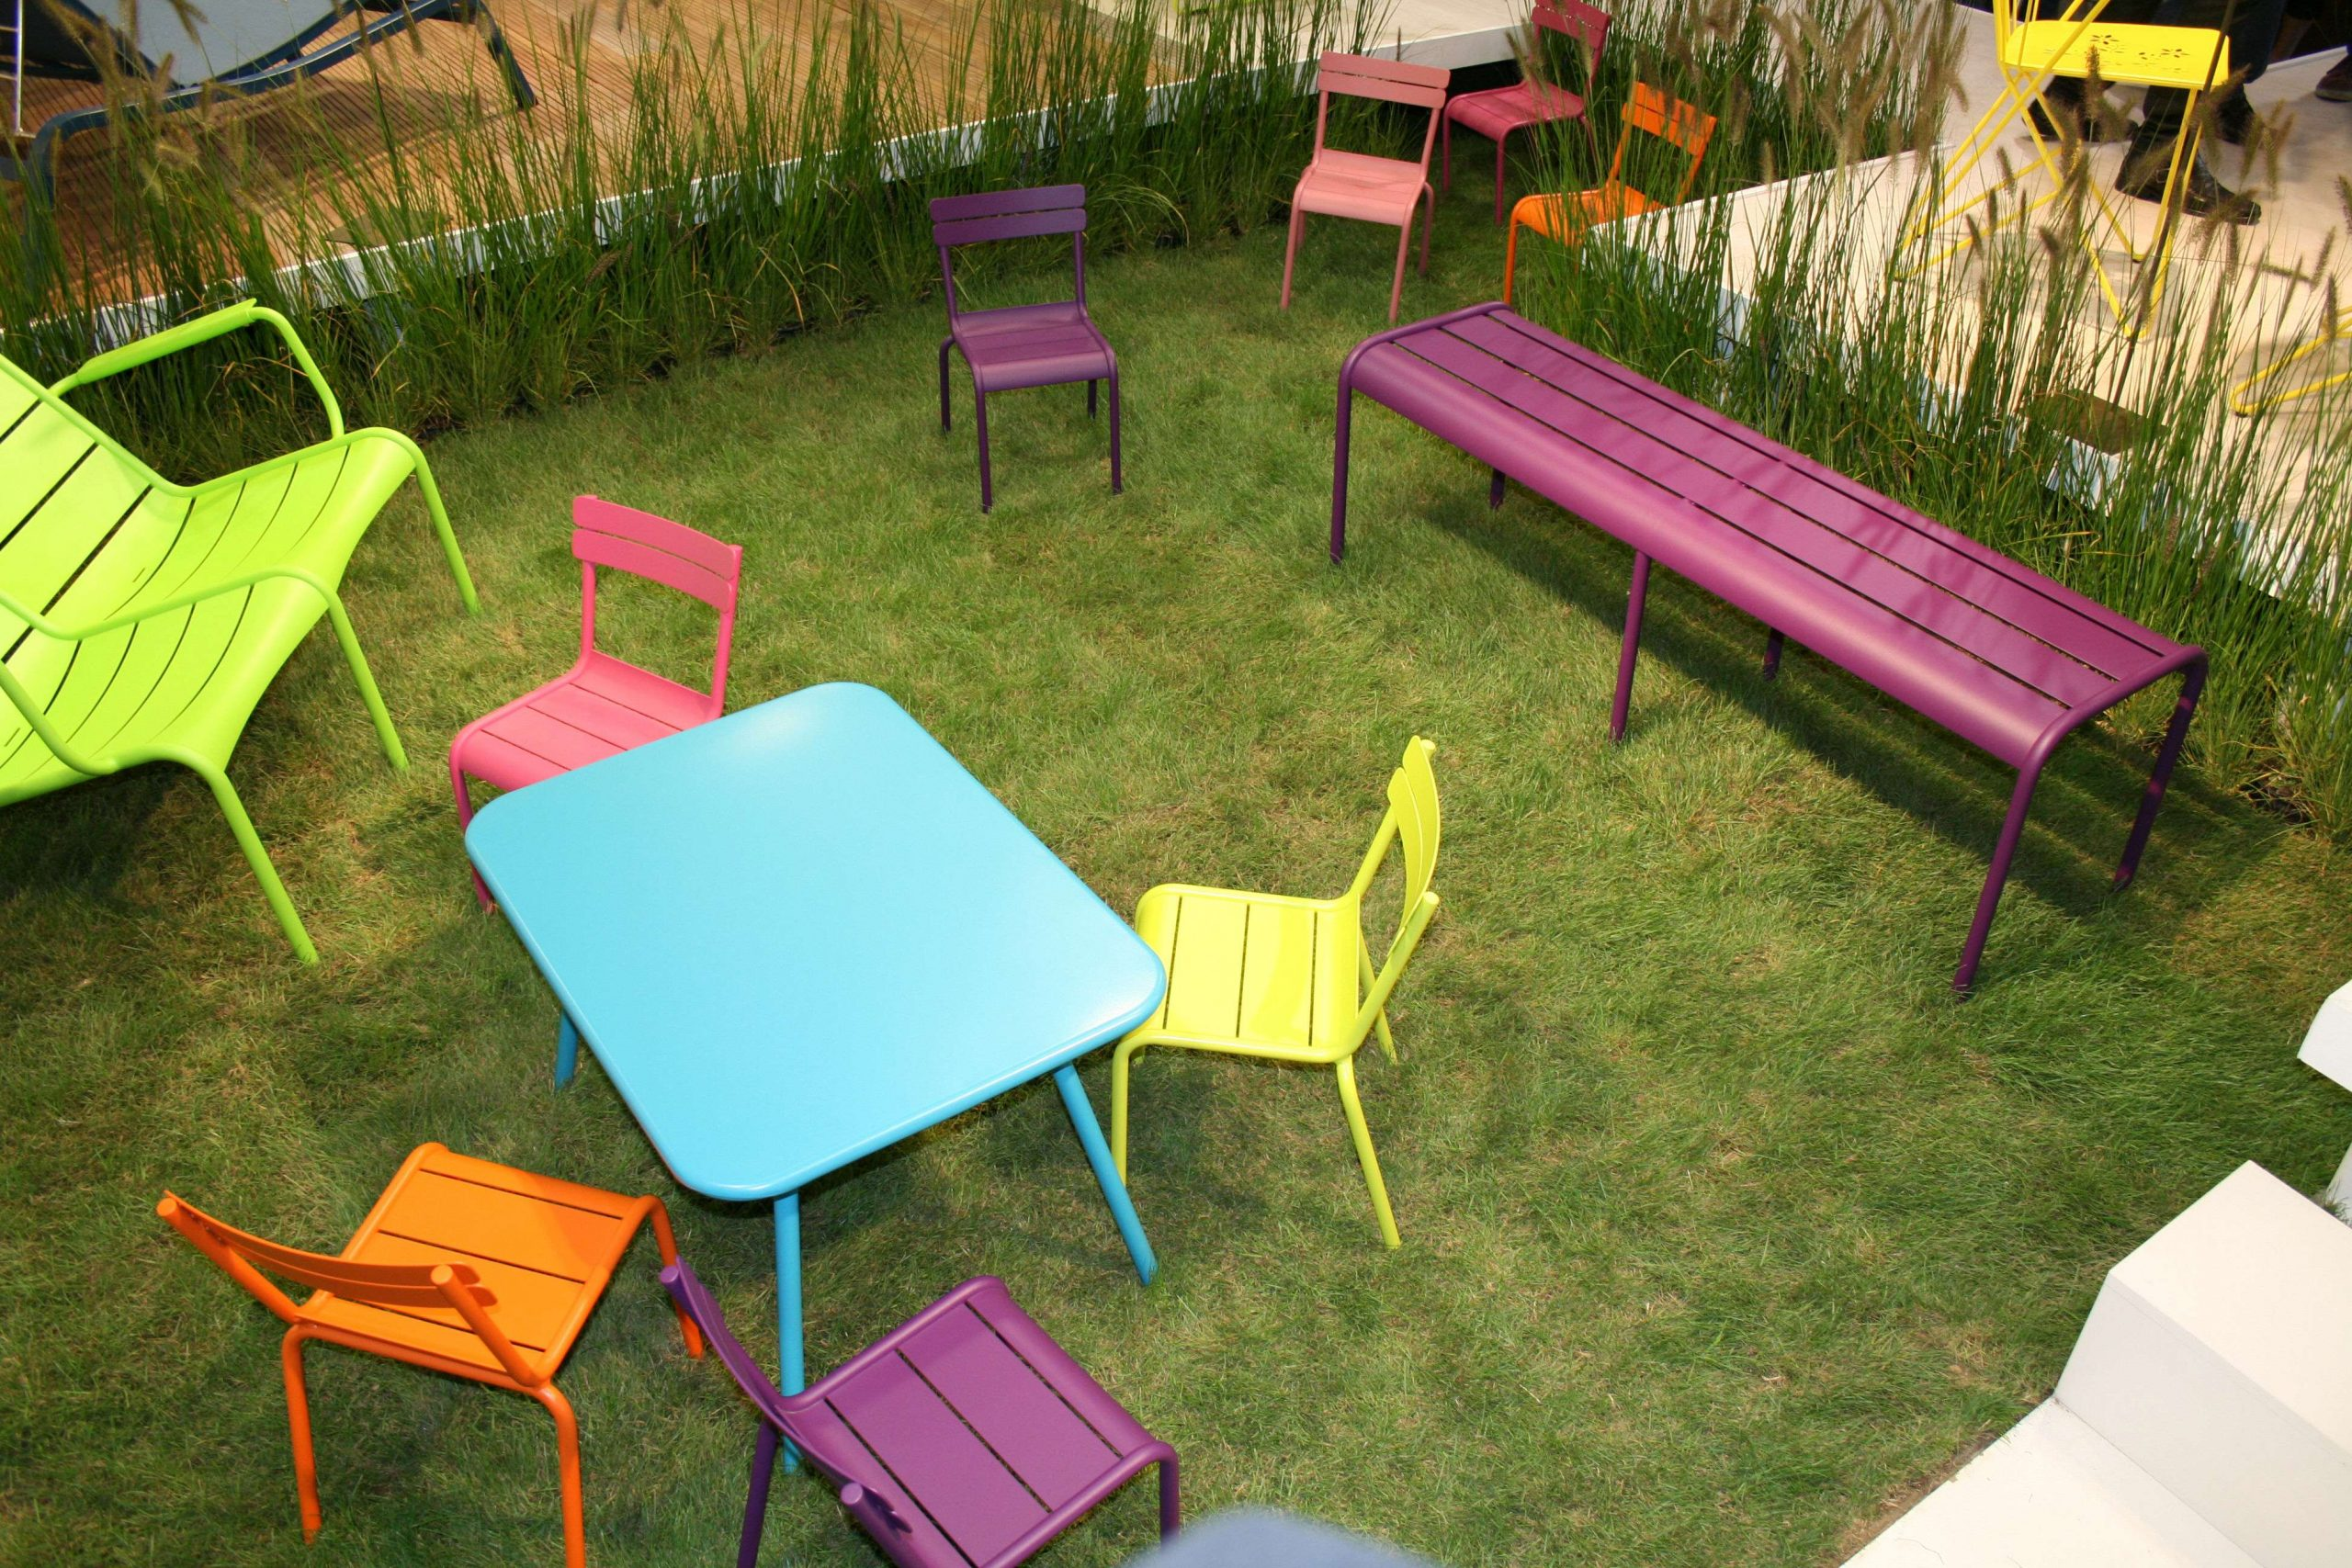 Chaise Leclerc En De Jardin Bois Wdhi29Ye dedans Table Et Chaises De Jardin Leclerc